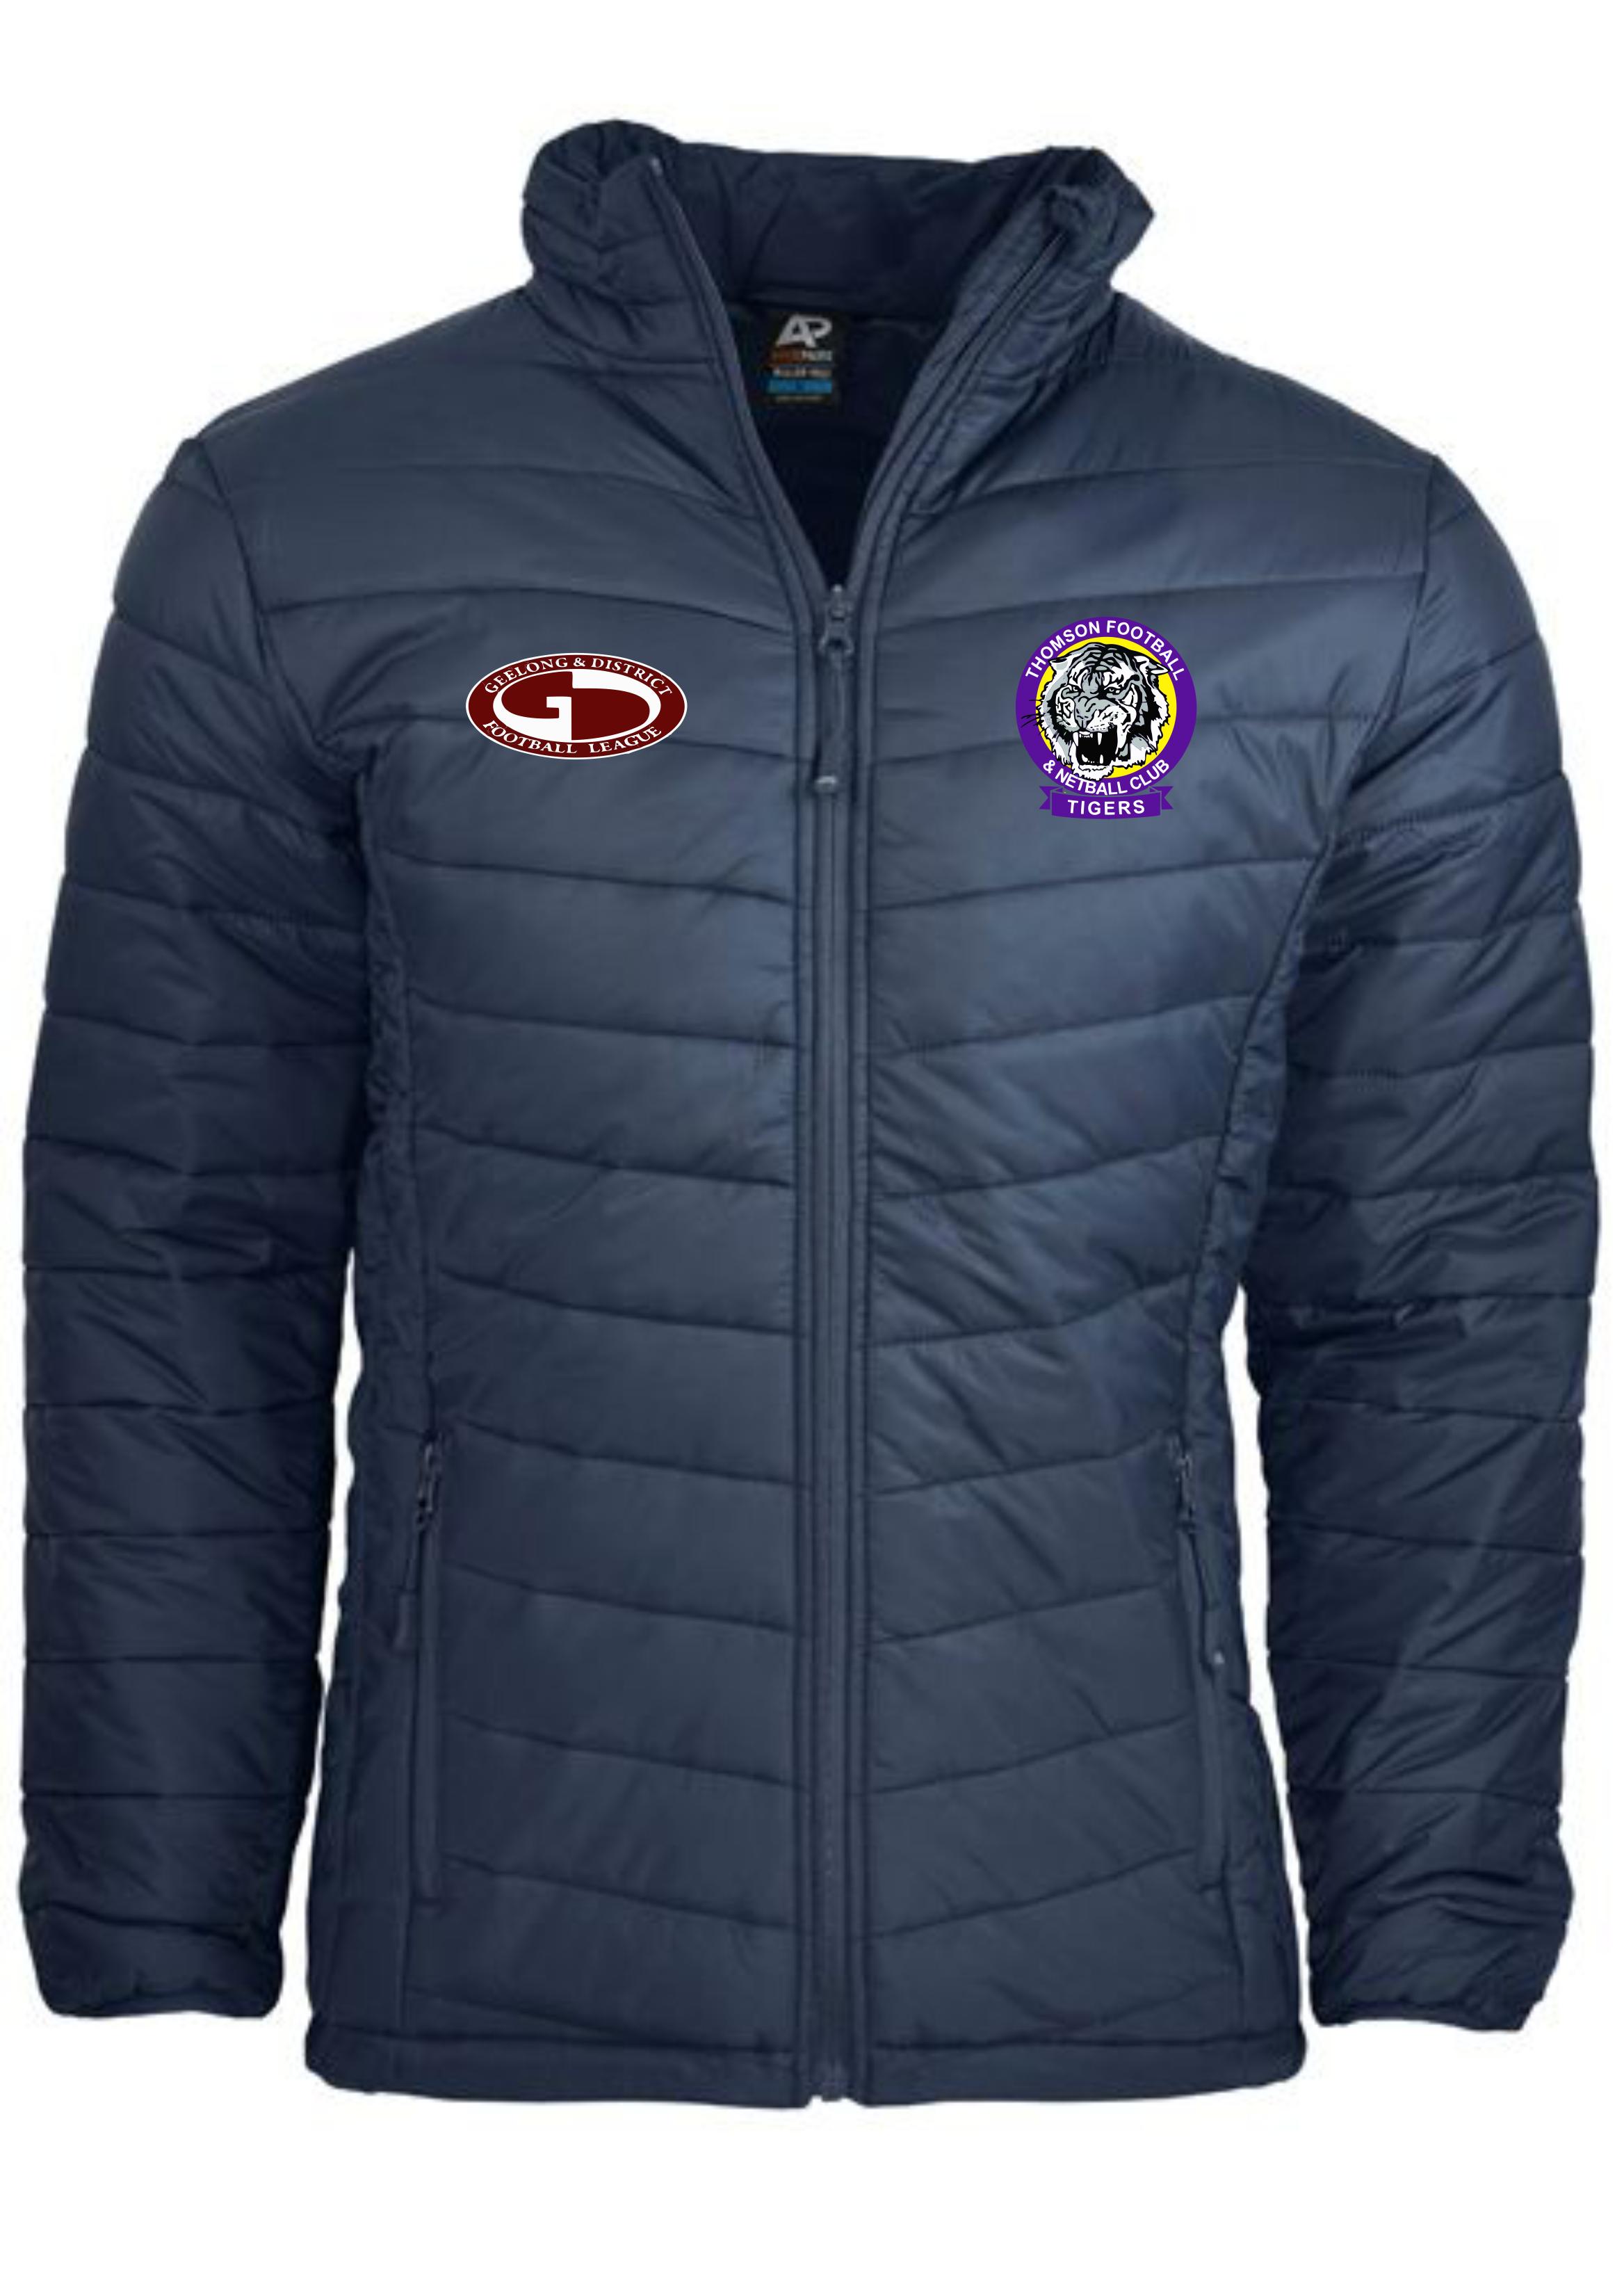 Men's Navy Puffer Jacket